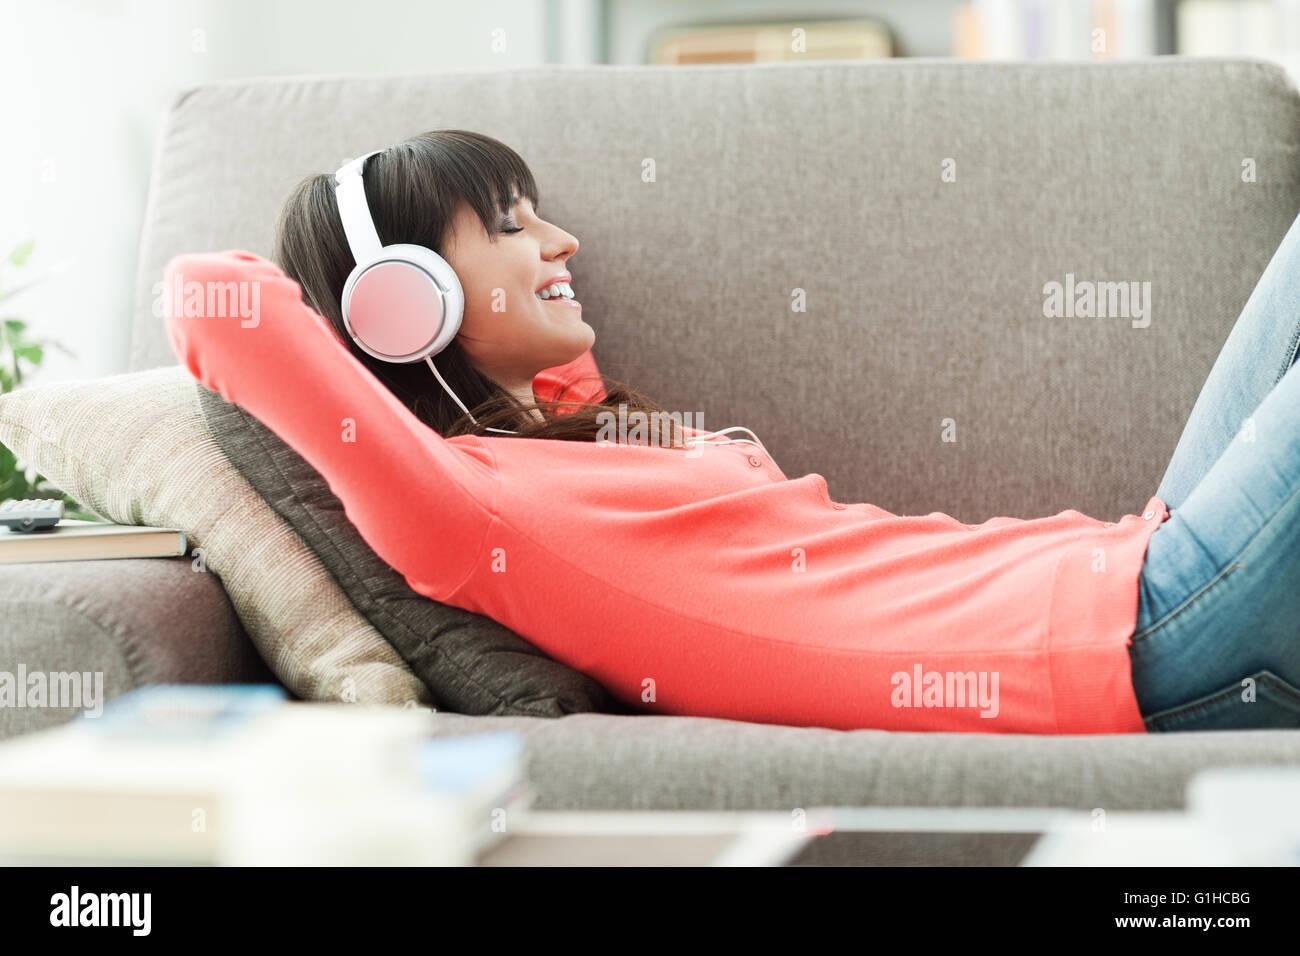 Jeune femme séduisante de détente sur le canapé à la maison, elle est à l'écoute de la musique avec des écouteurs Banque D'Images